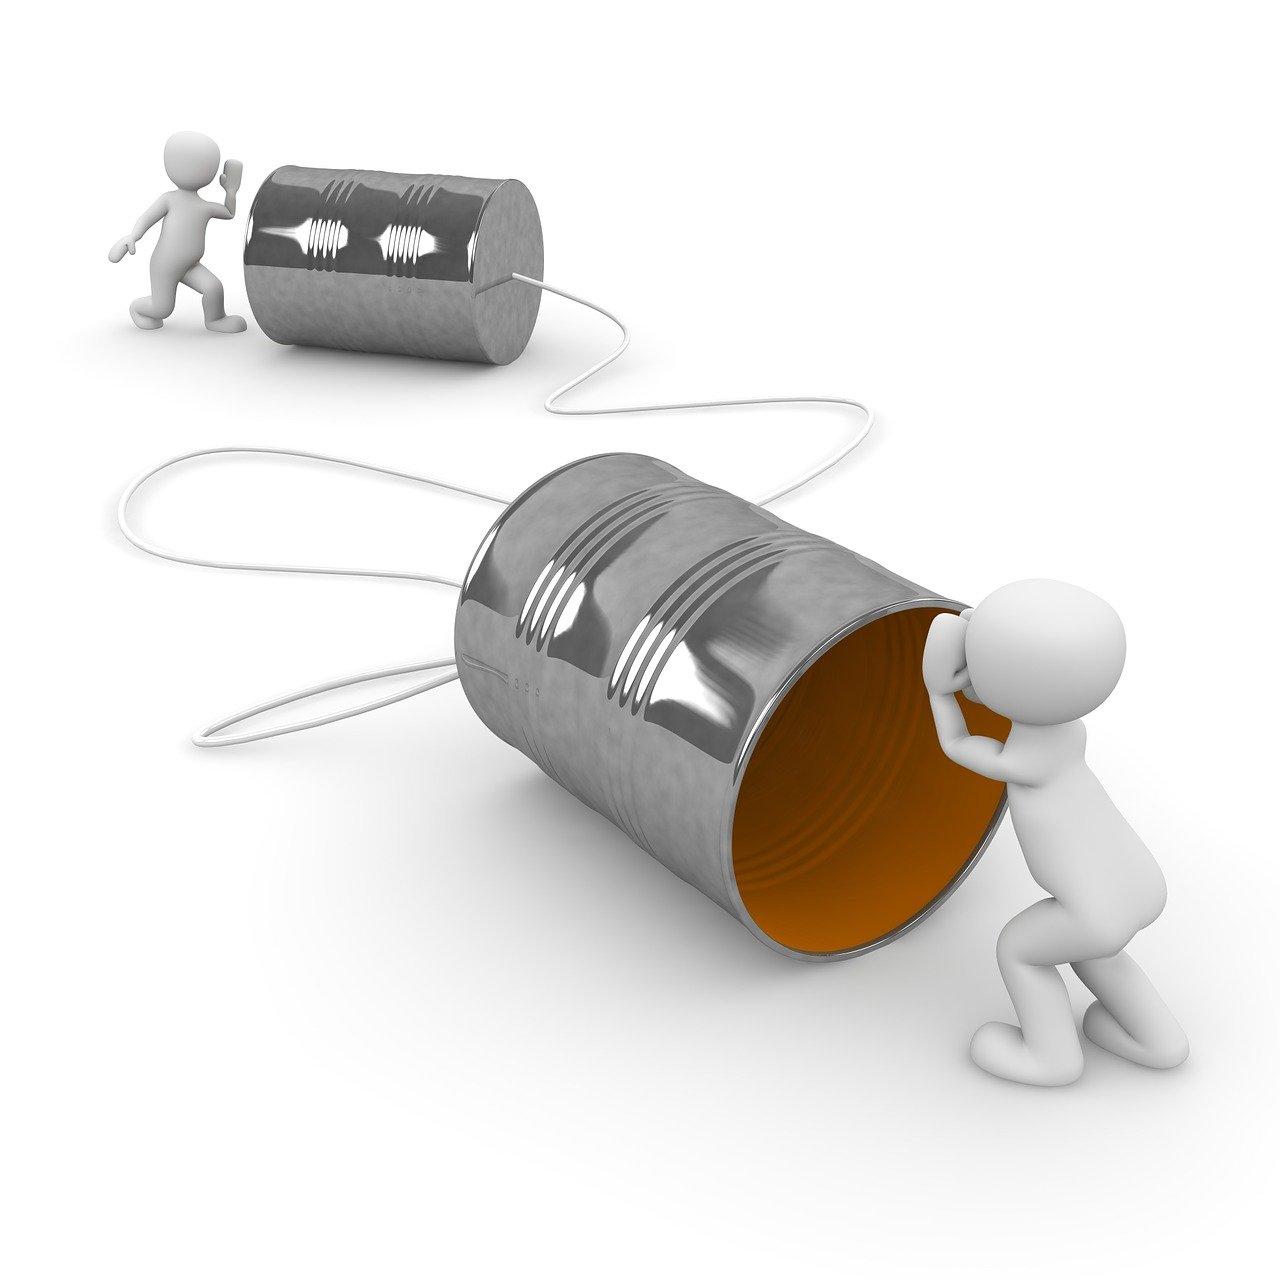 De kracht van goede communicatie!